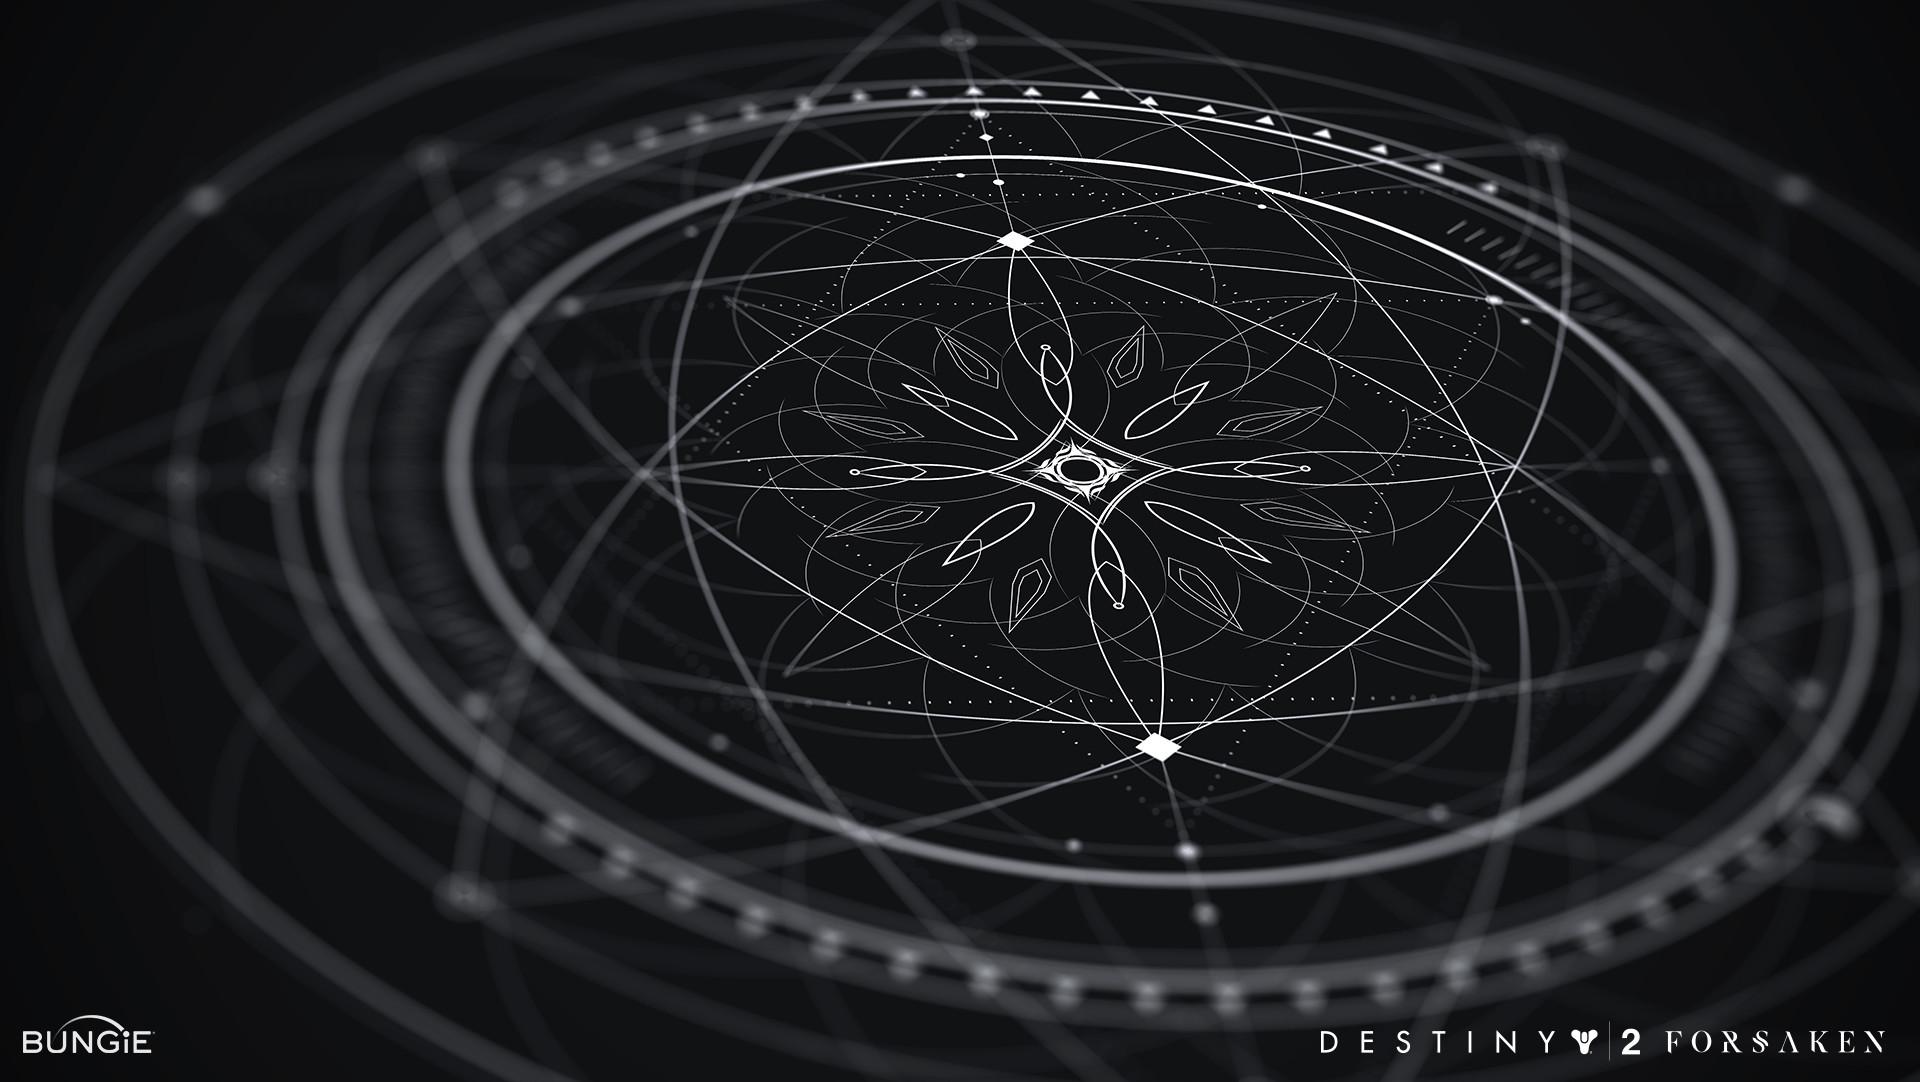 joseph-biwald-d2-forsaken-radial-dreaming-city-biwald-render-02.jpg